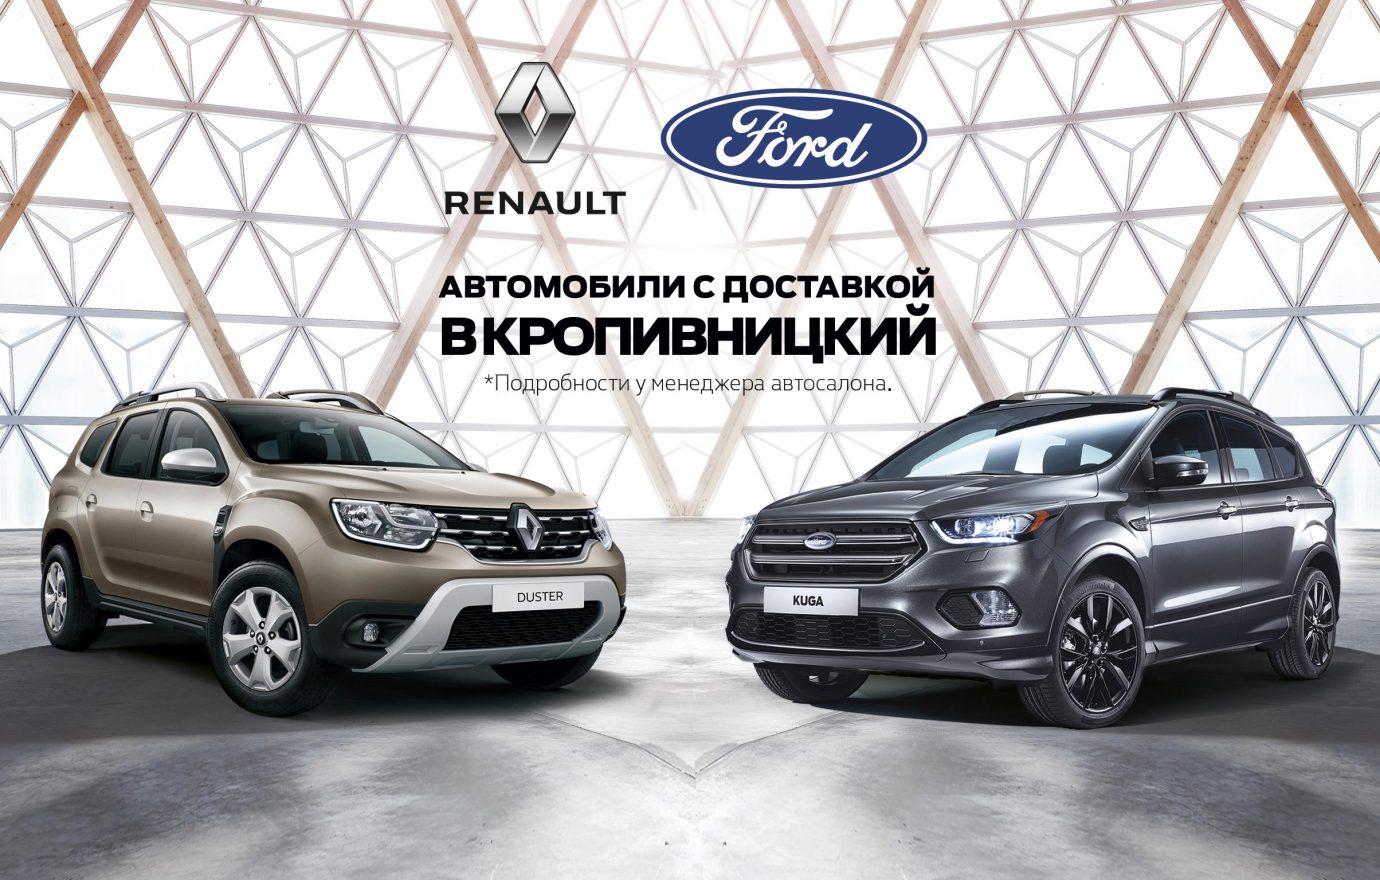 Автомобілі RENAULT і FORD: відтепер офіційне сервісне обслуговування у Кропивницькому - 1 - Реклама - Без Купюр